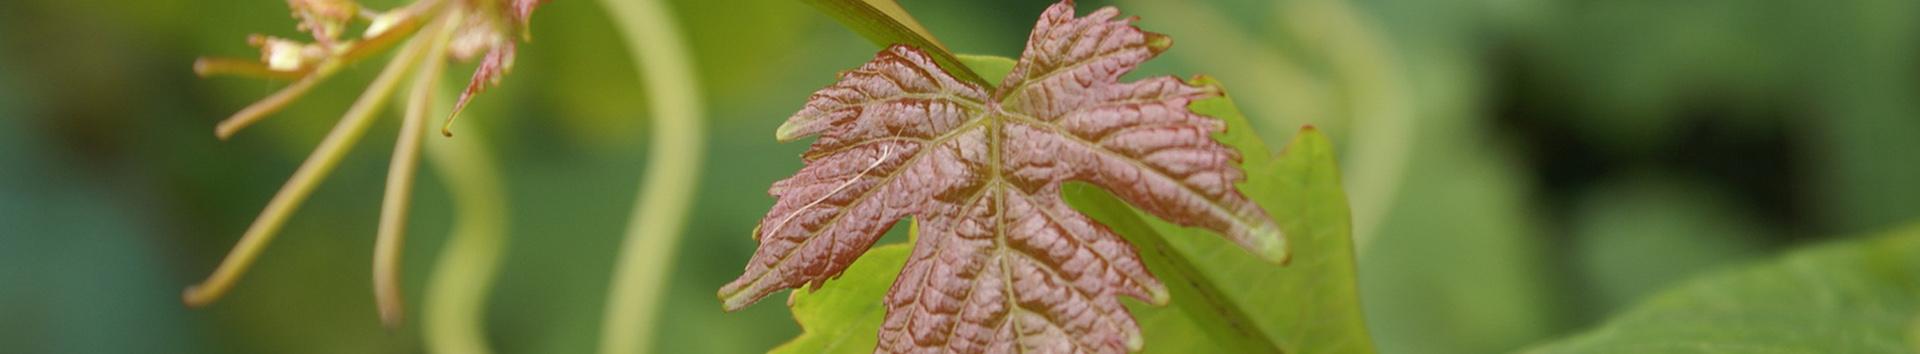 iata - resistencia plantas